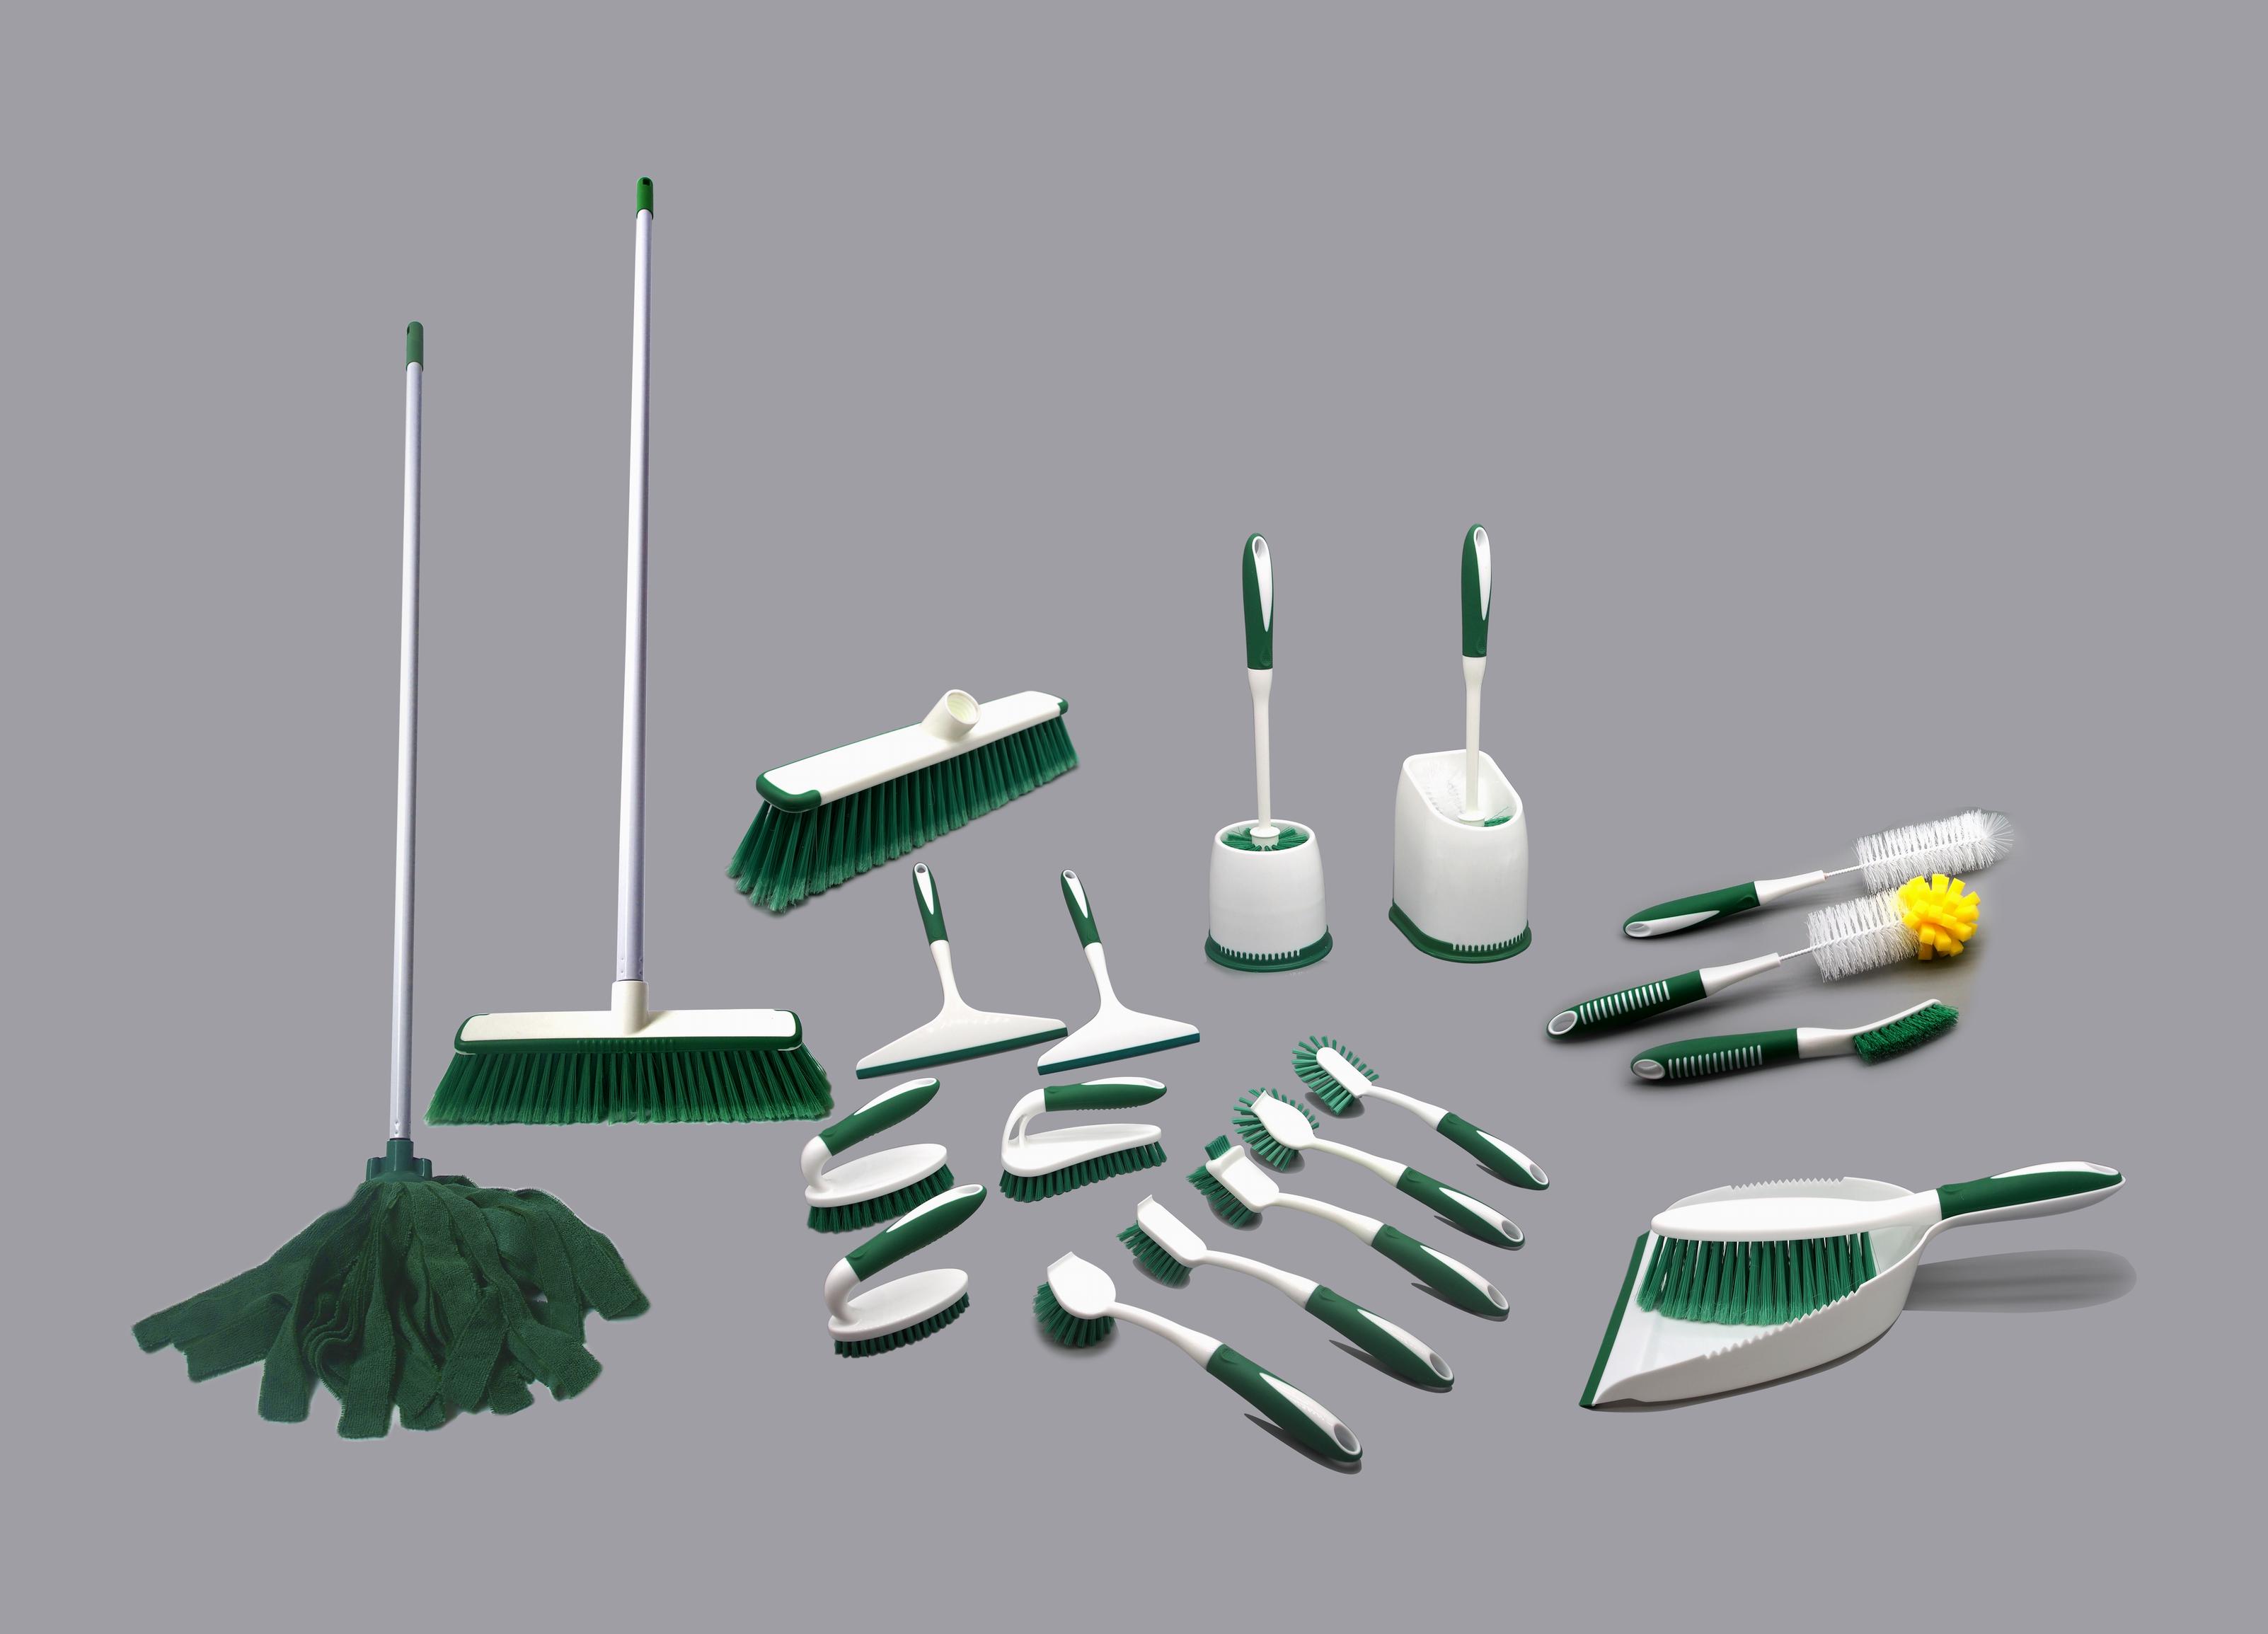 绿色新品系列-全部抠